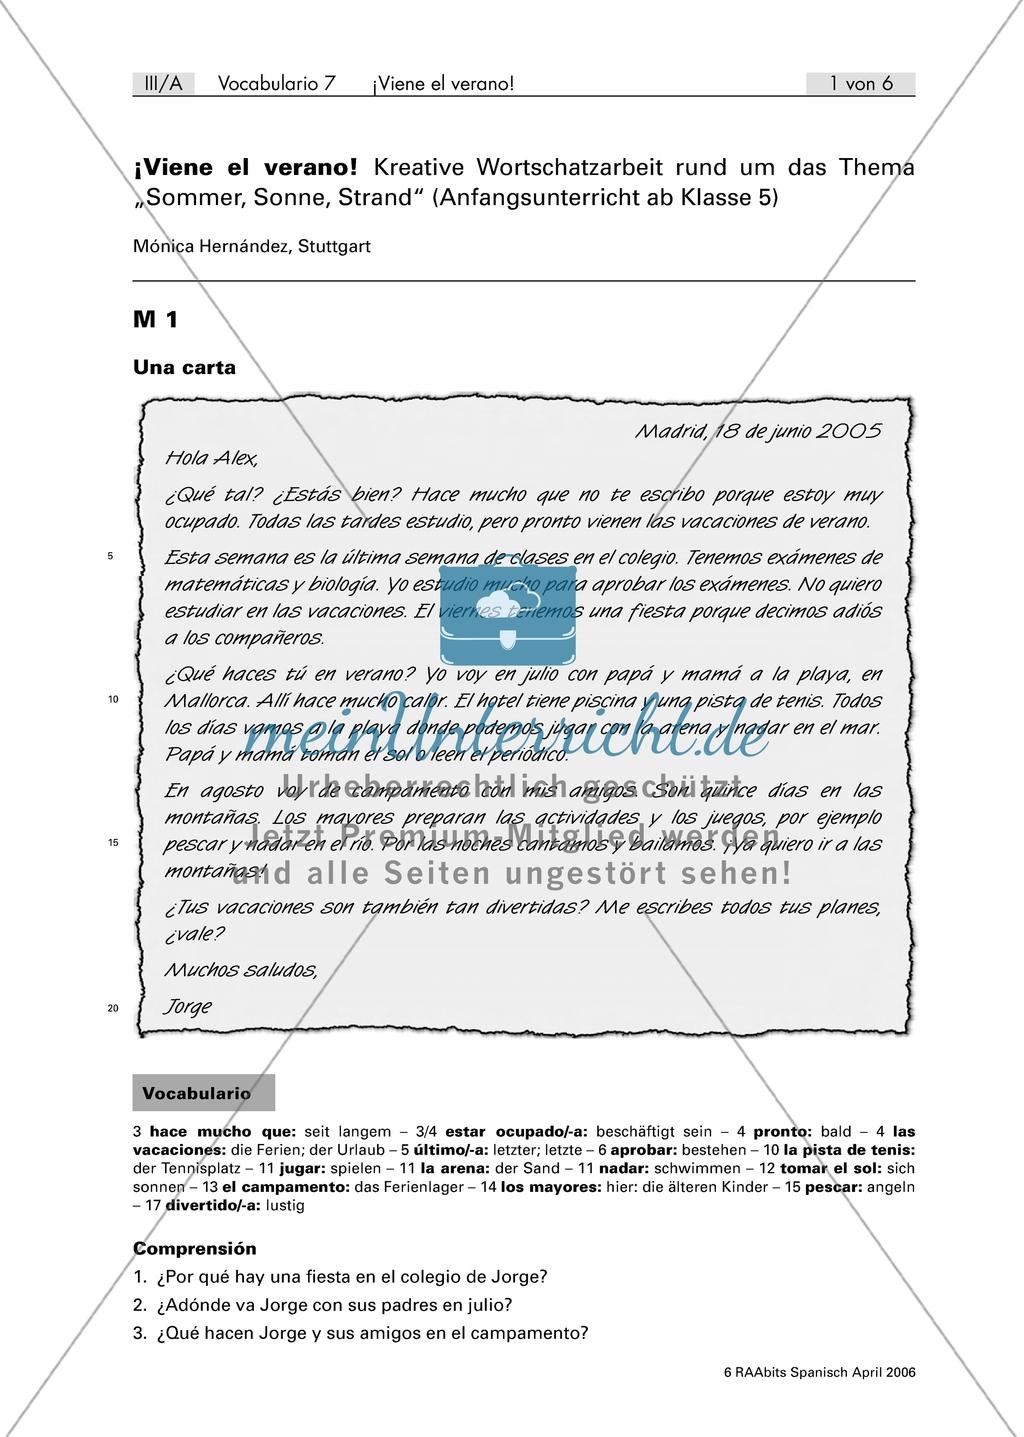 Viene el verano - persönlicher Brief über die Pläne in den Sommerferien mit Fragen zum Textverständnis Preview 0